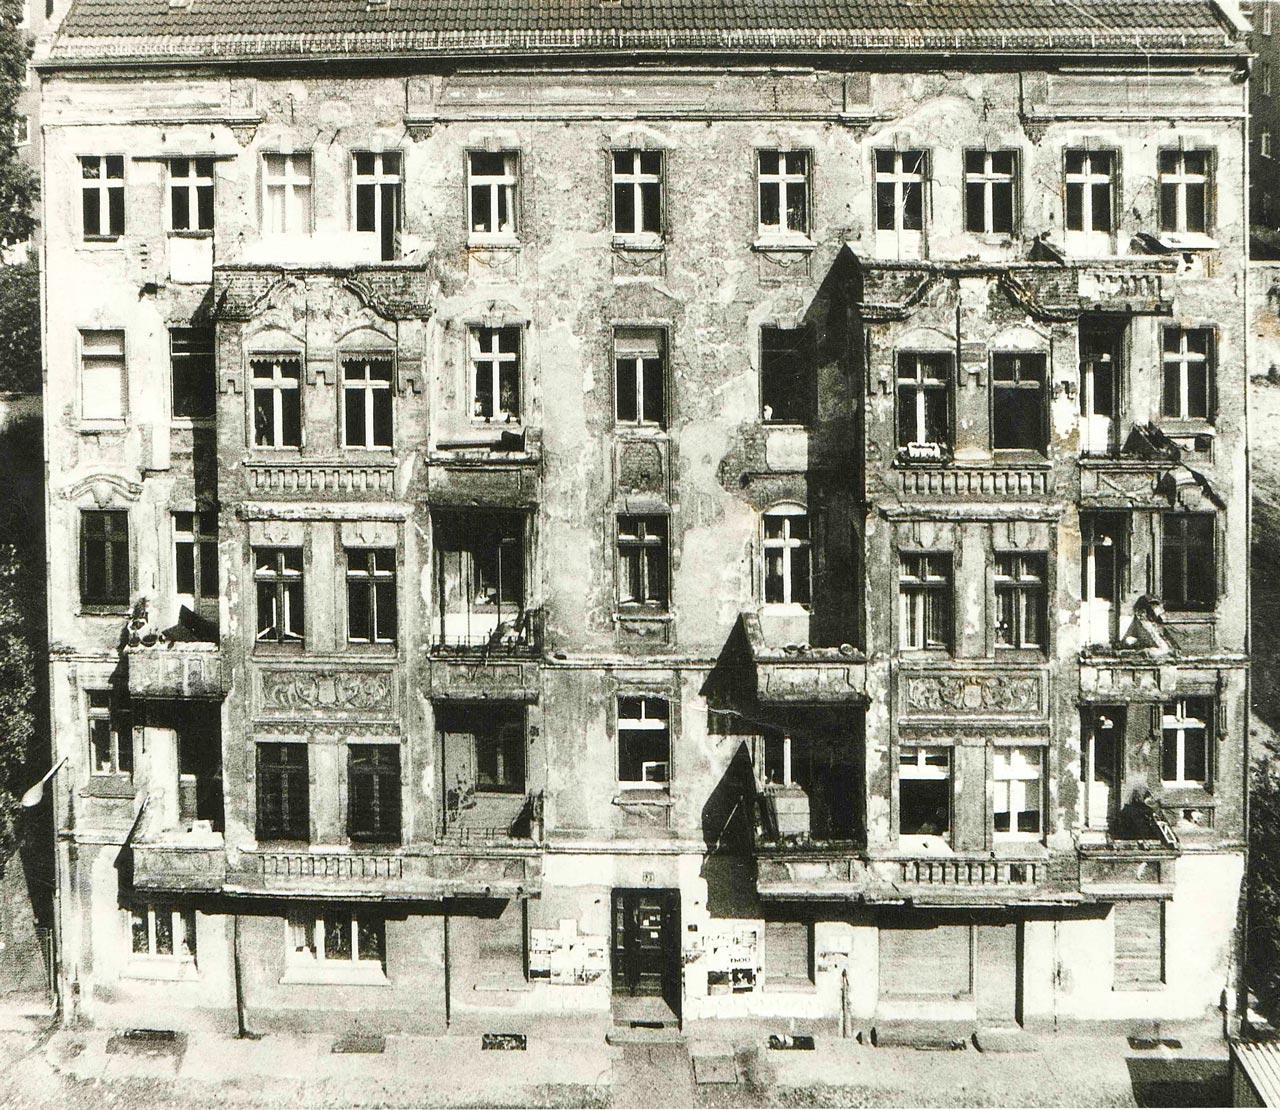 Besetztes Haus in der Schreinerstrasse 47, 1990. Bröckelige Fassade und abgebrochene Balkone. Das Schreinercafé gab es damals noch nicht. Foto: privat